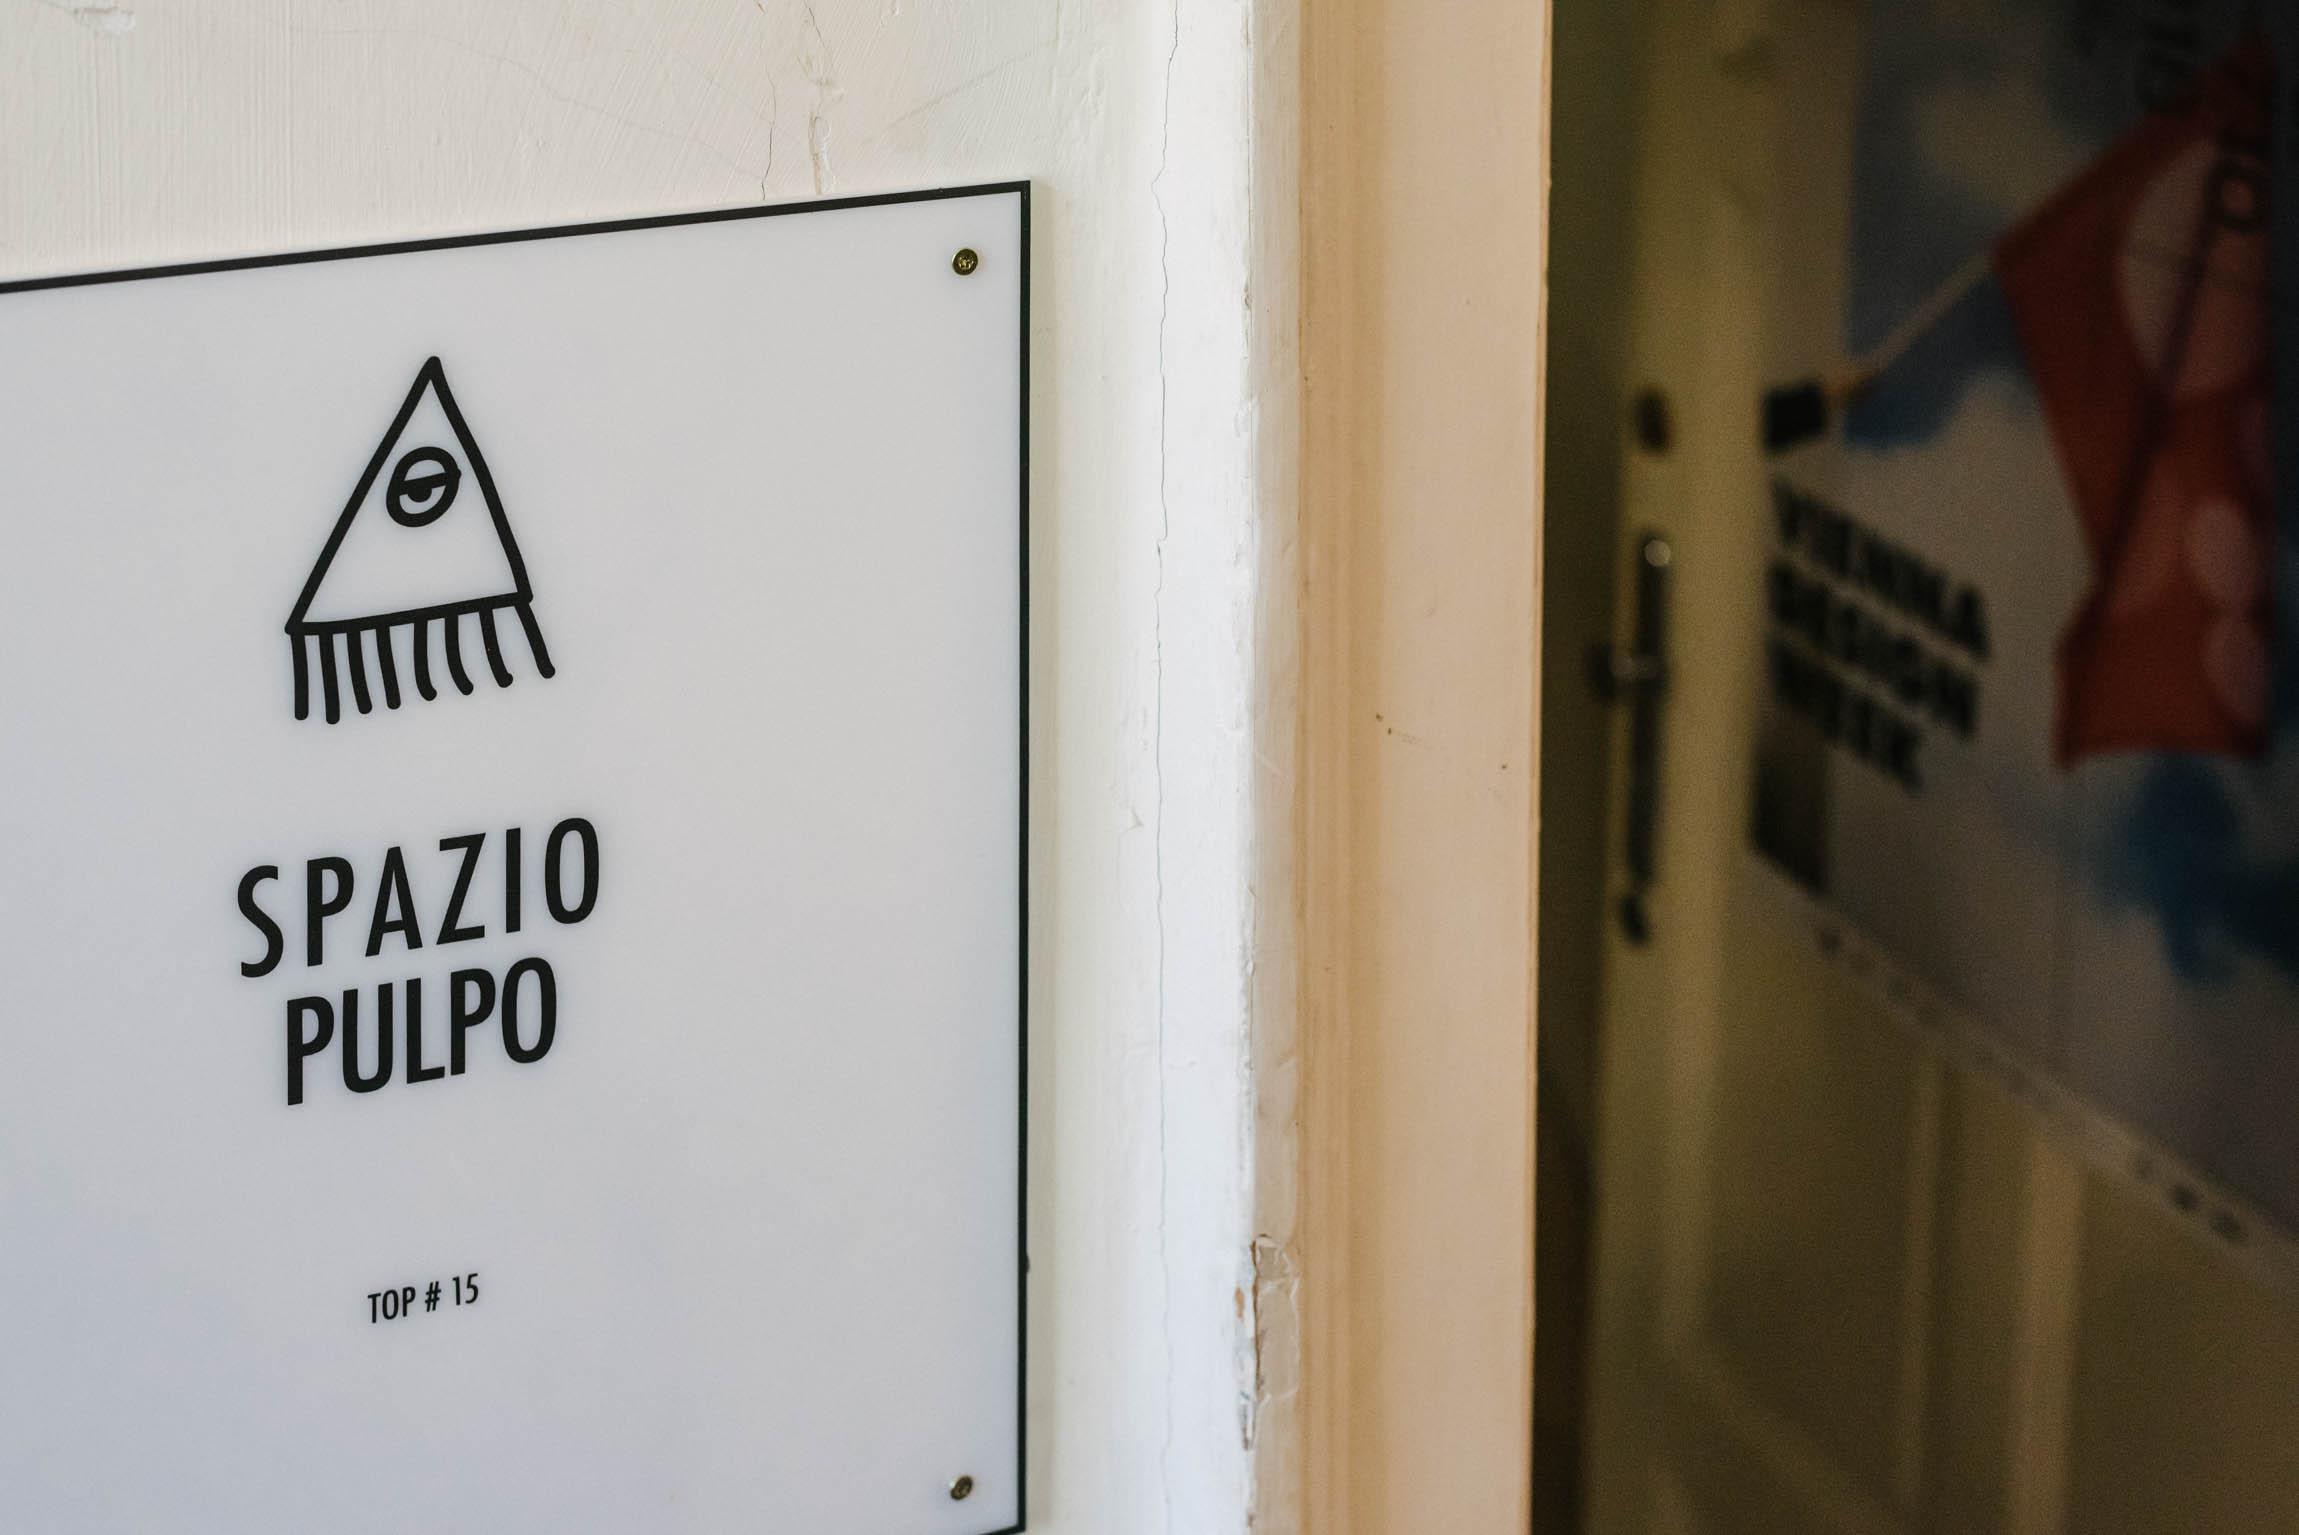 TOUR 2: DESIGN IN DER WIENER INNENSTADT  VIENNA DESIGN WEEK,  EXIT  Spazio Pulpo